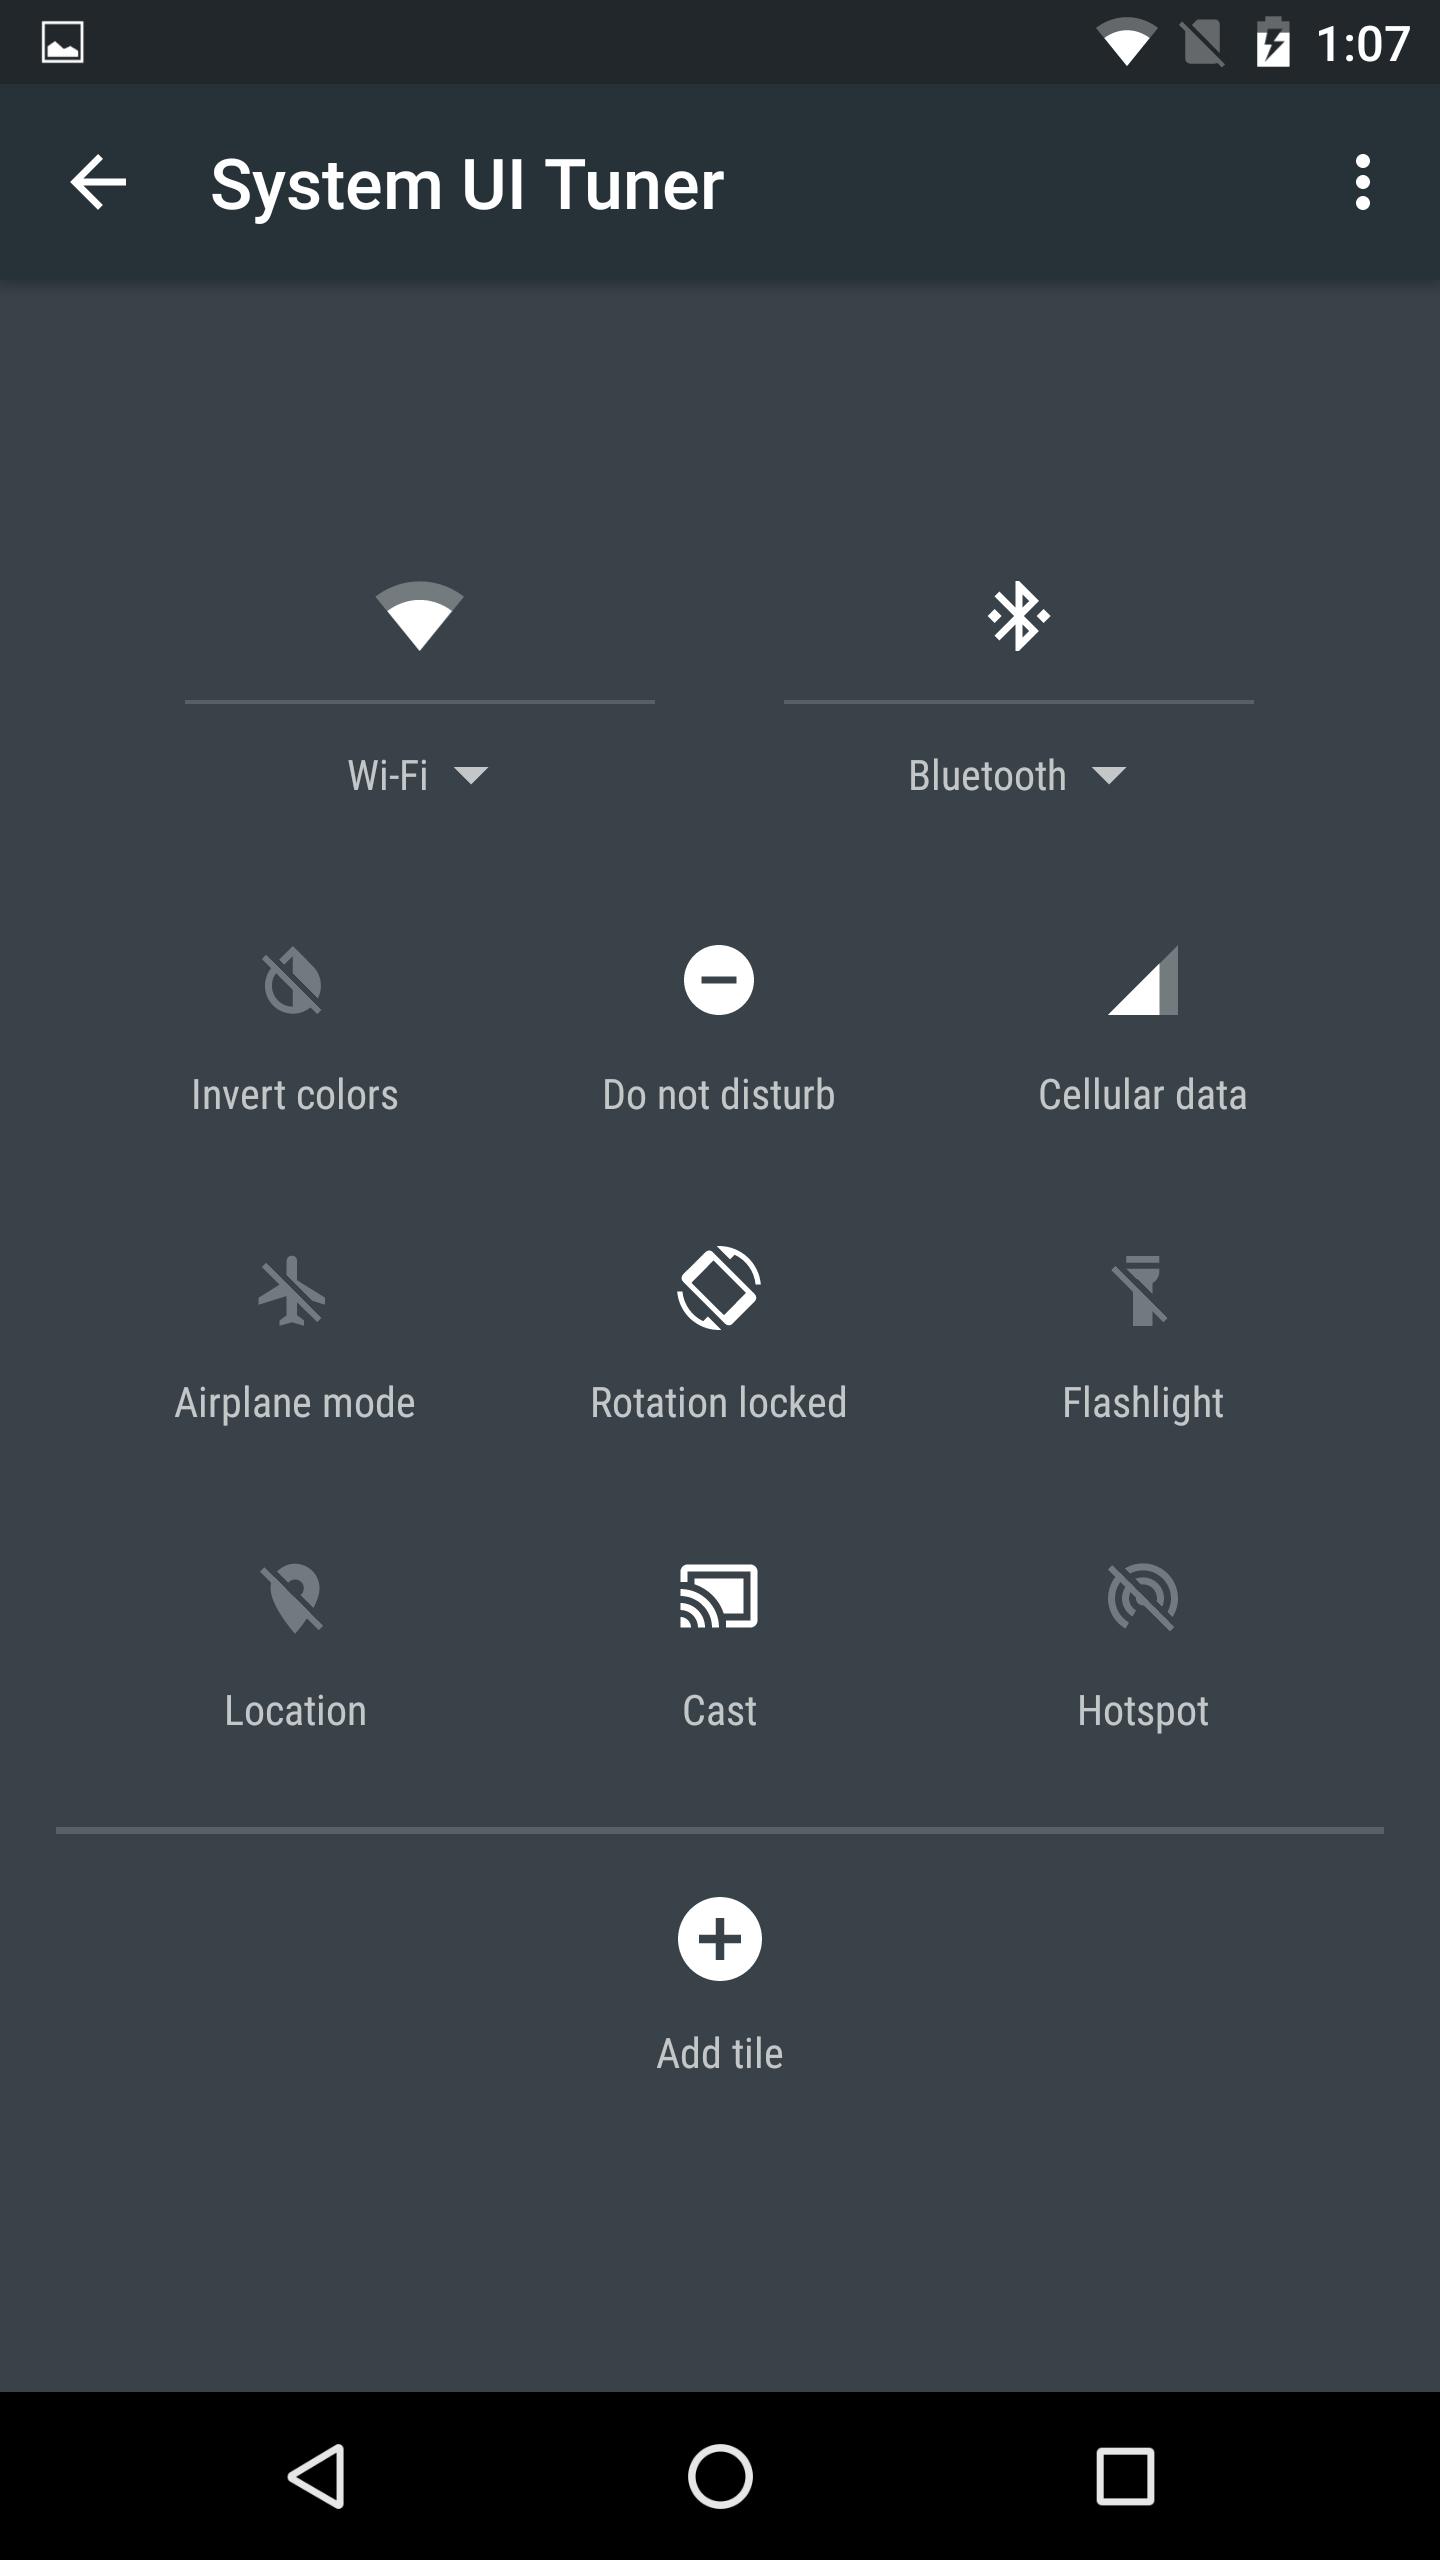 System UI turner settings